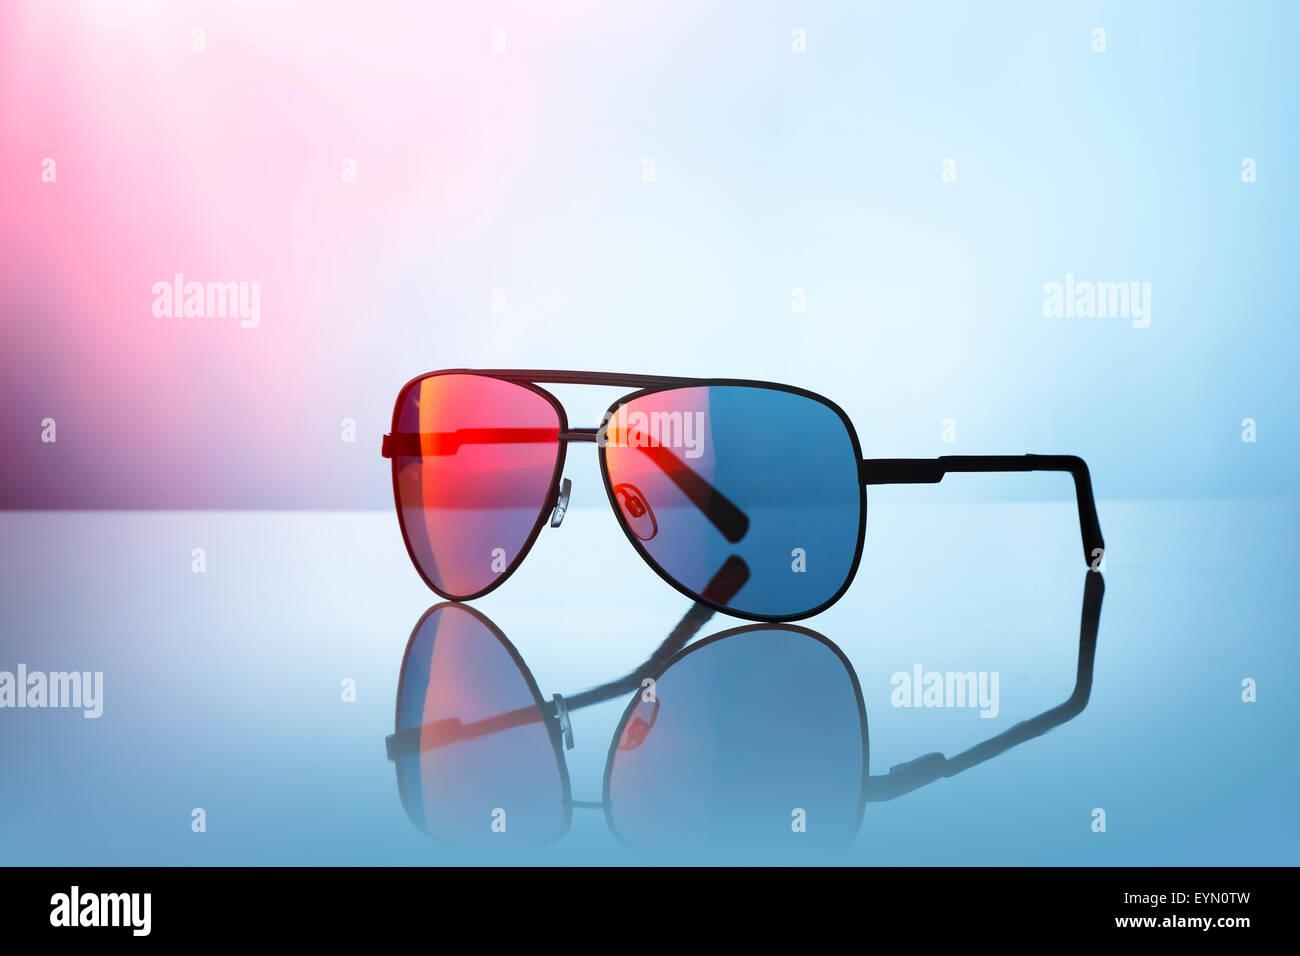 Gafas de sol sobre la superficie reflectante. Imagen De Stock